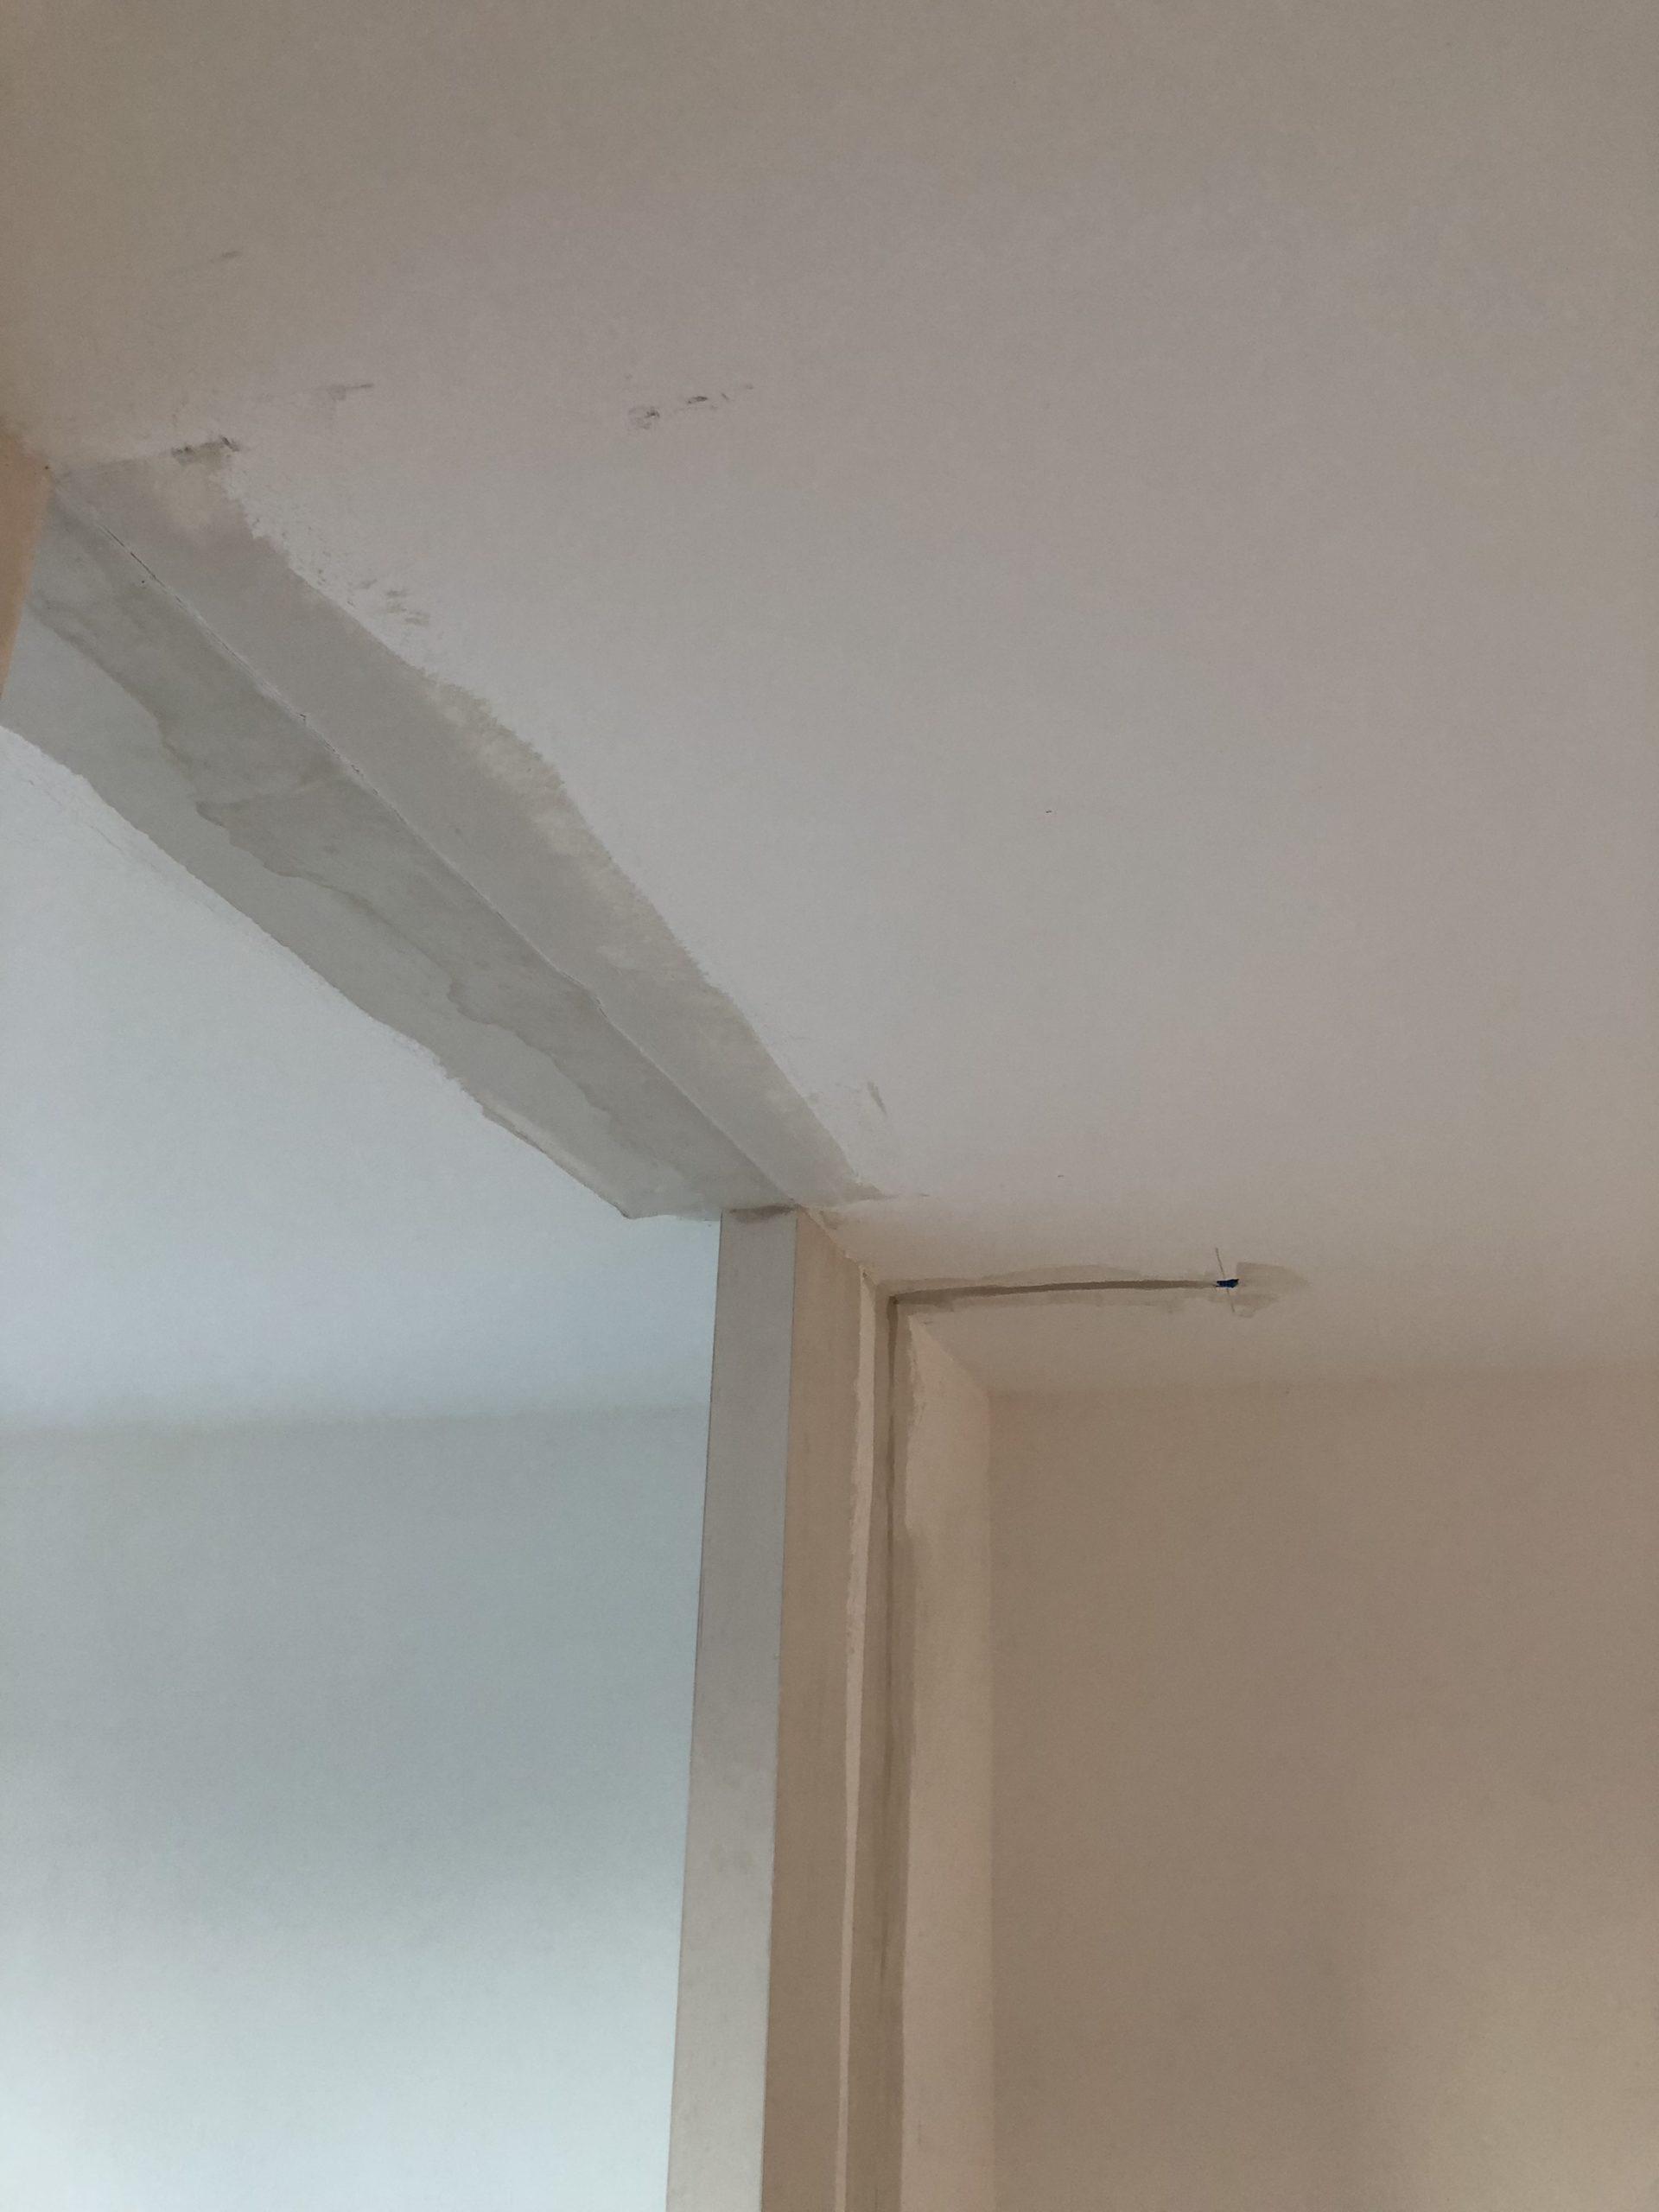 raccord au plâtre en plafond de l'ancienne cloison